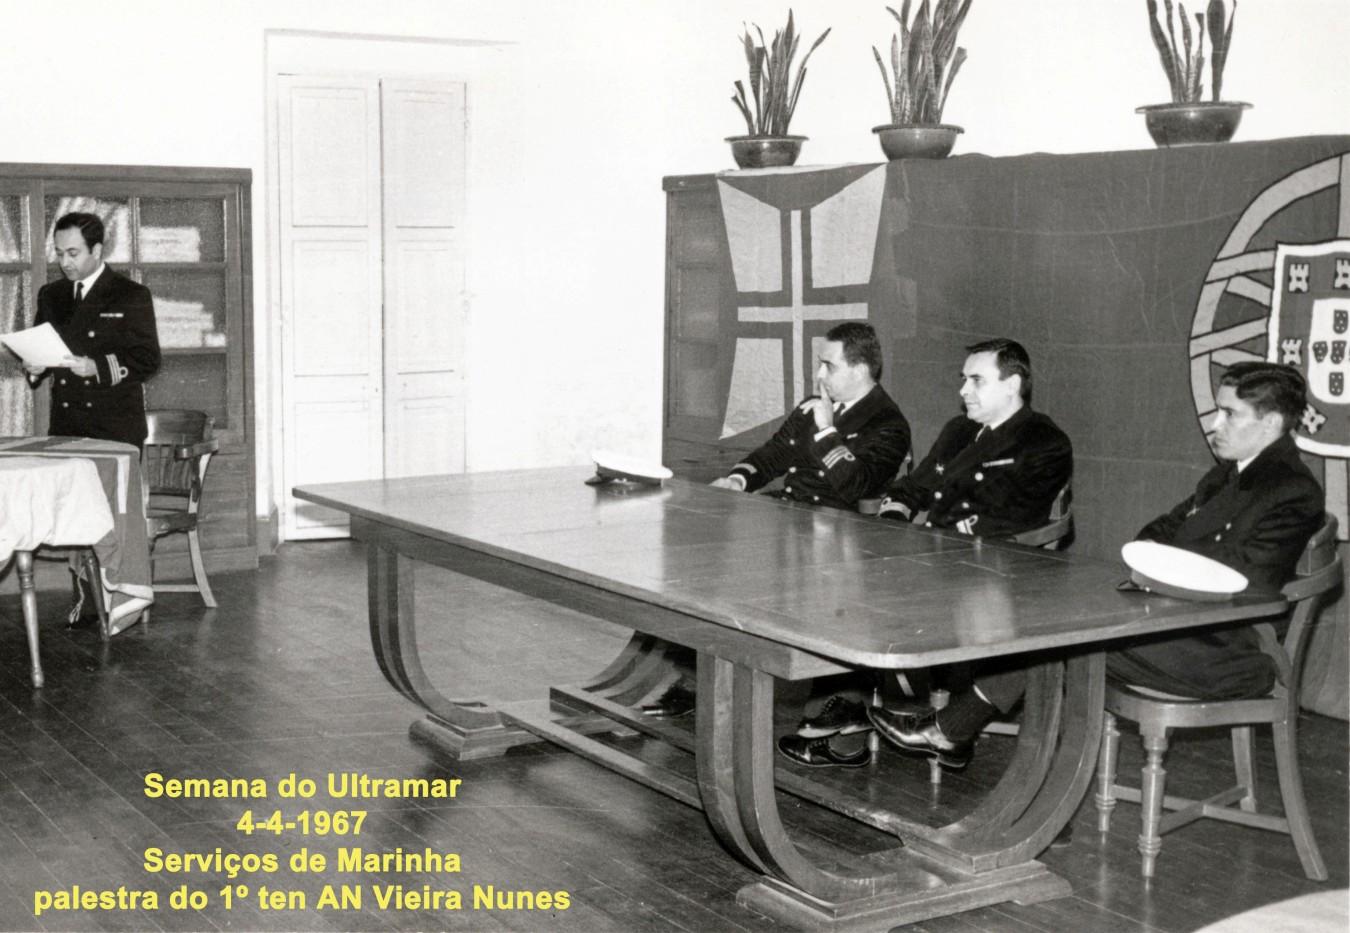 025 67-04-04 Vieira Nunes faz palestra-Semana do Ultramar